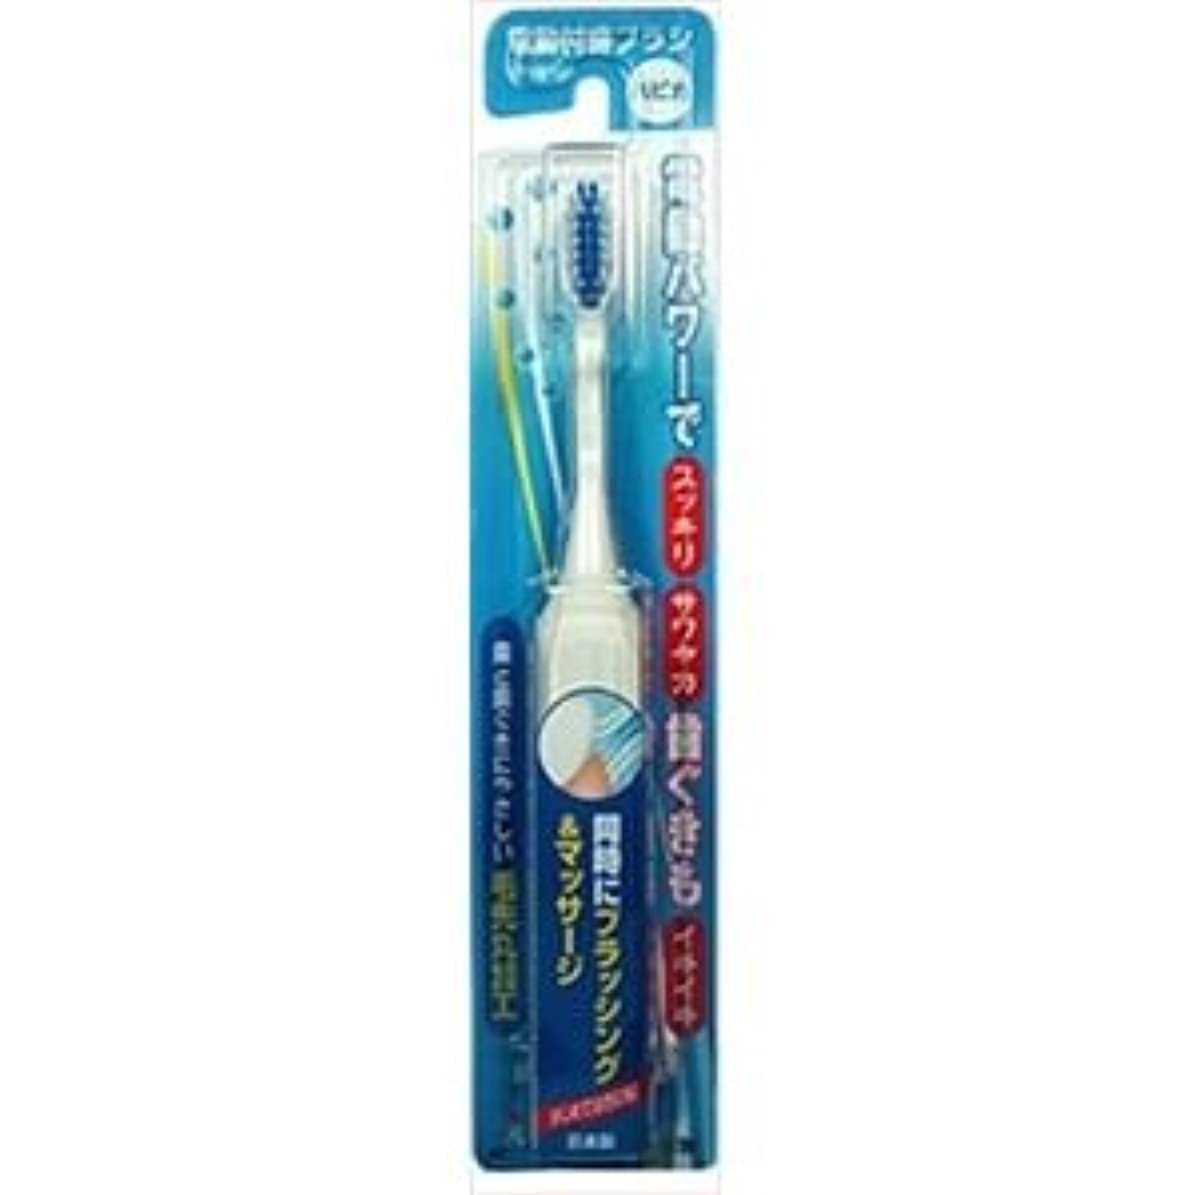 情熱的アシスタント好ましい(まとめ)ミニマムハピカ電動歯ブラシDB-3W 【×3点セット】